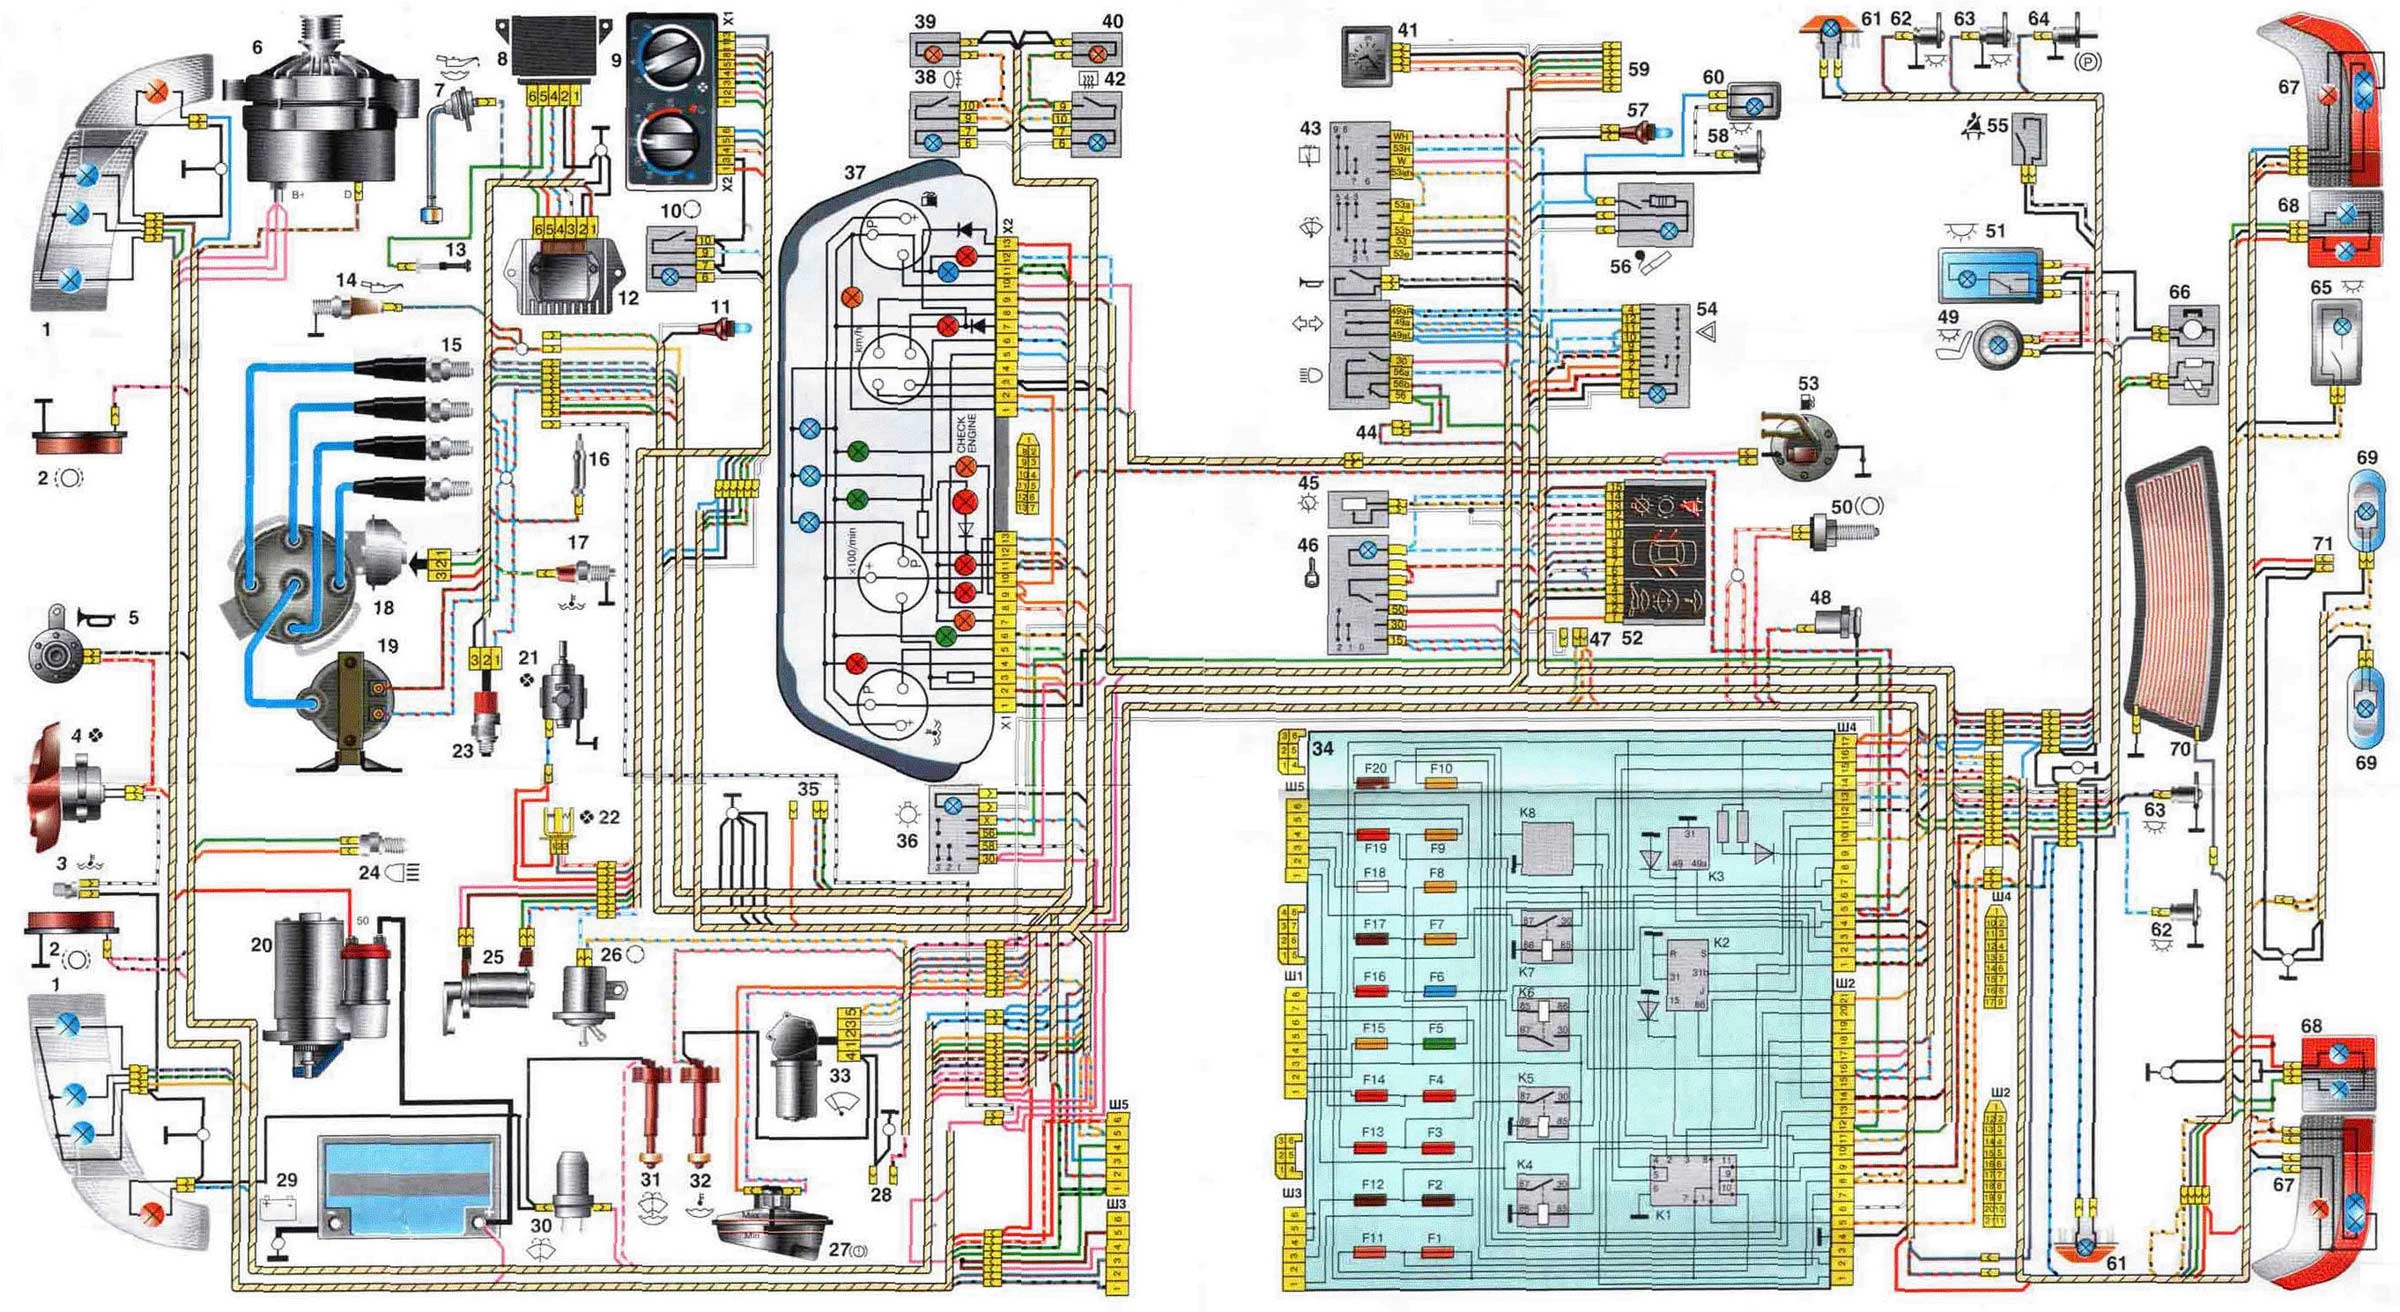 электрическая схема включения бензонасоса ваз 2123